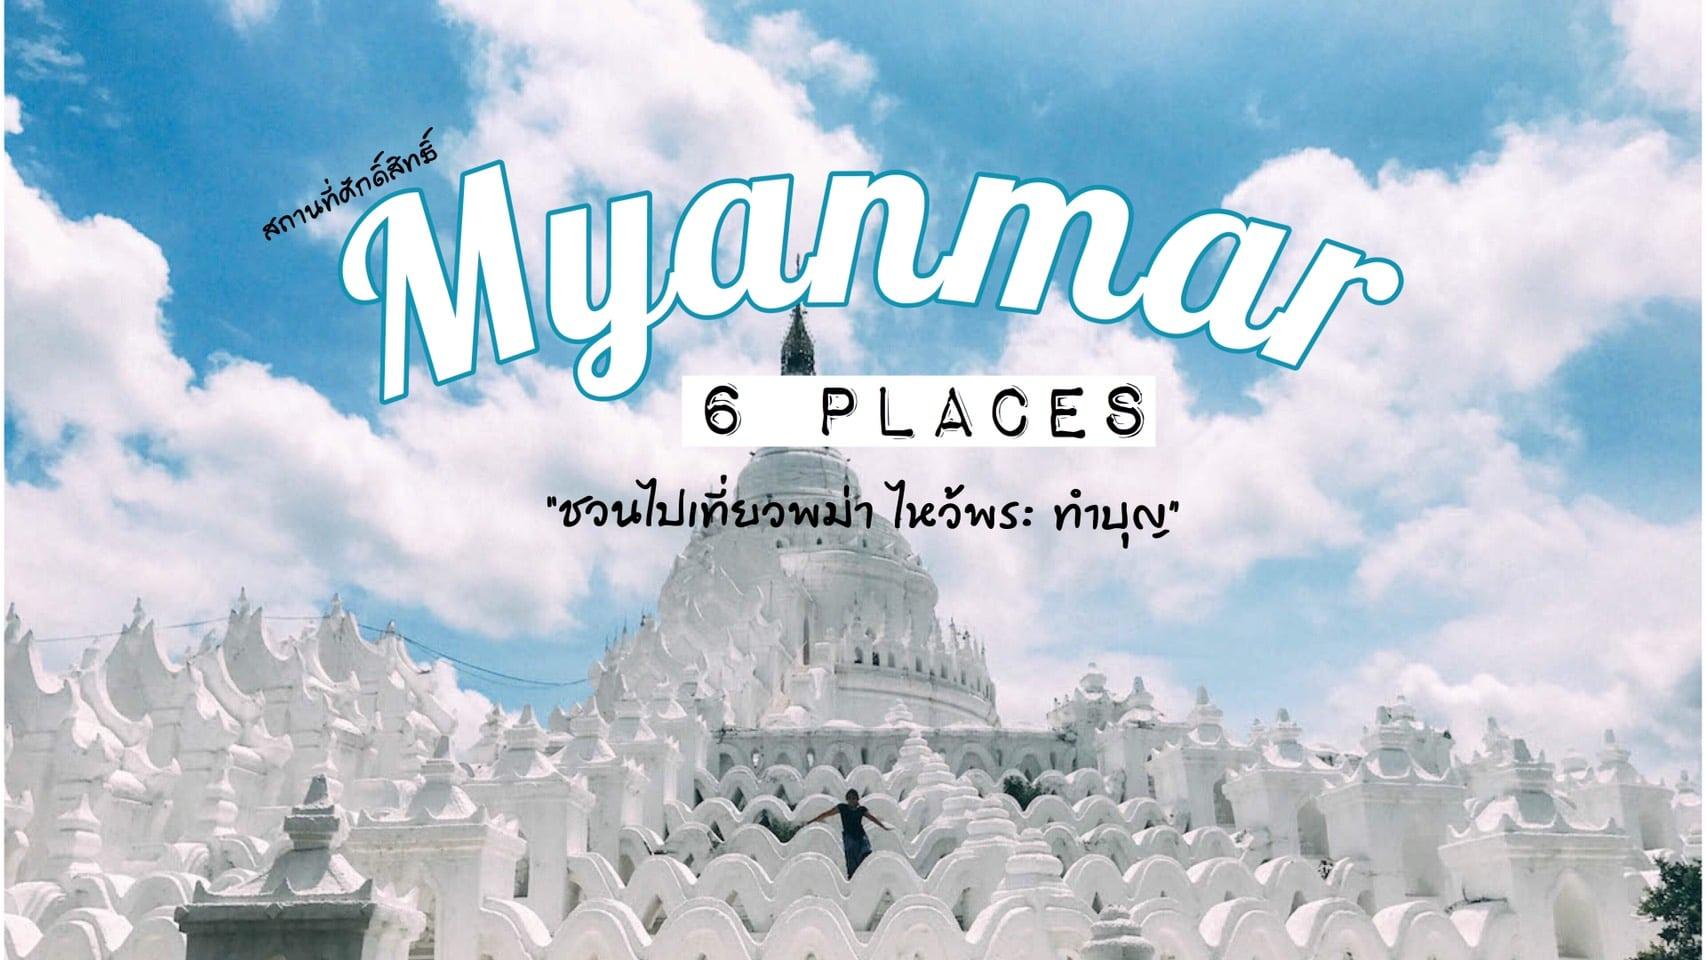 ทัวร์พม่า – ชวนไปเที่ยวไหว้พระทำบุญ กับ 6 สถานที่ของพม่า ที่ถูกร่ำลือว่าศักดิ์สิทธิ์มาก